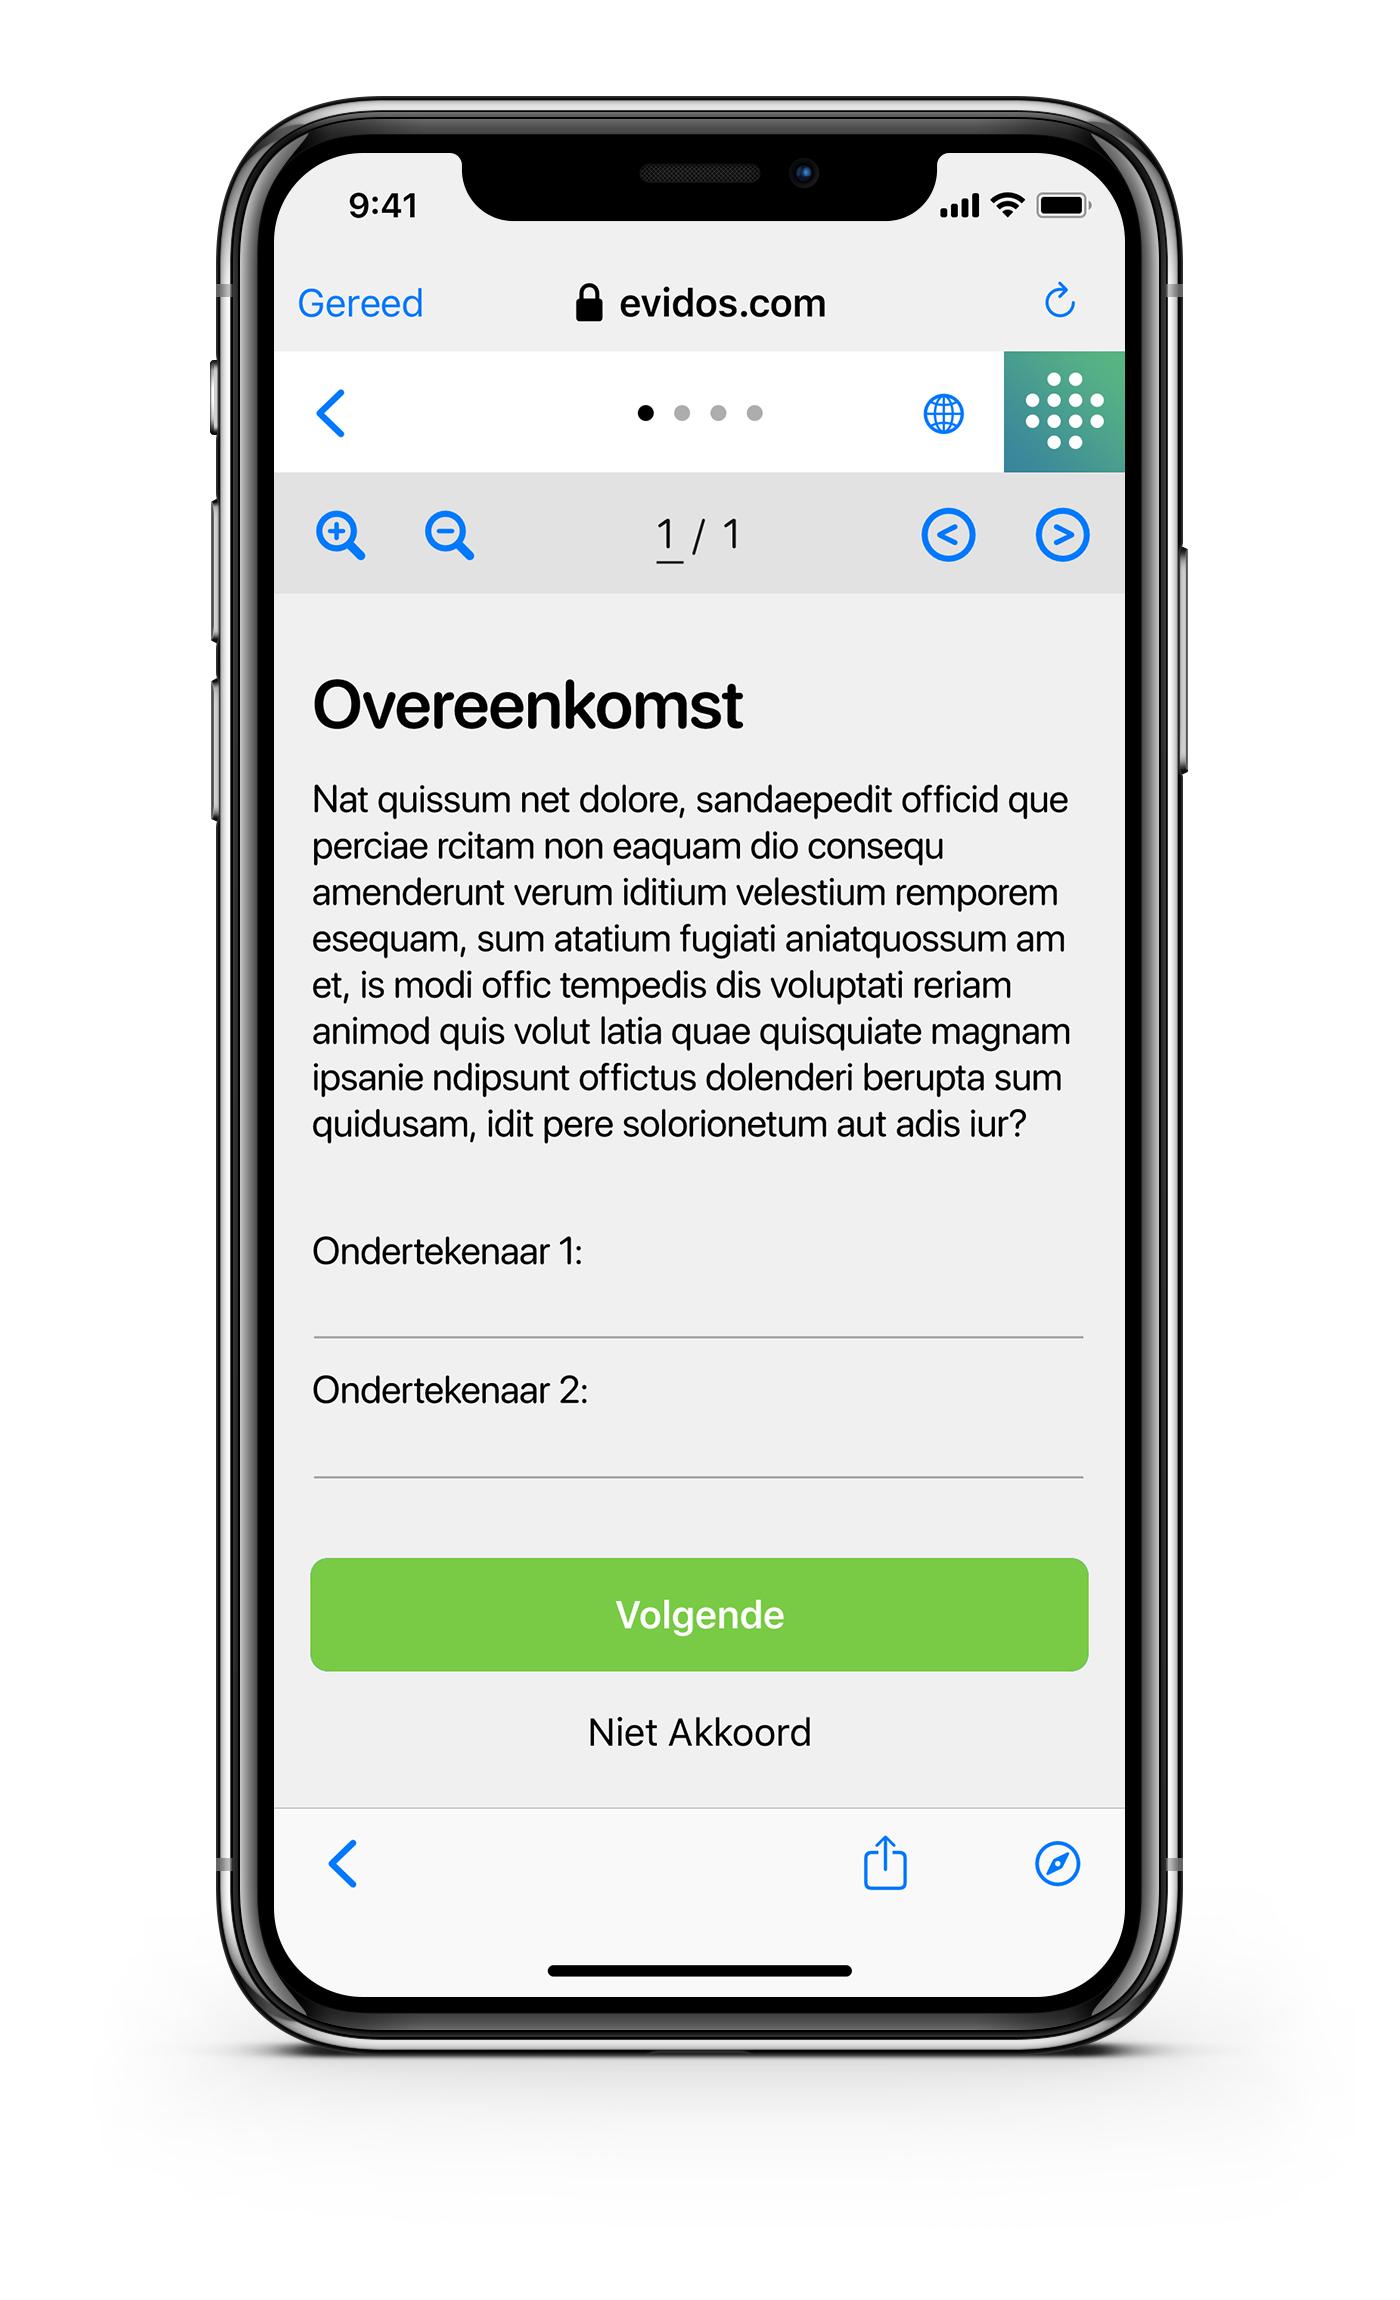 Ondertekenen - NL - Overeenkomst